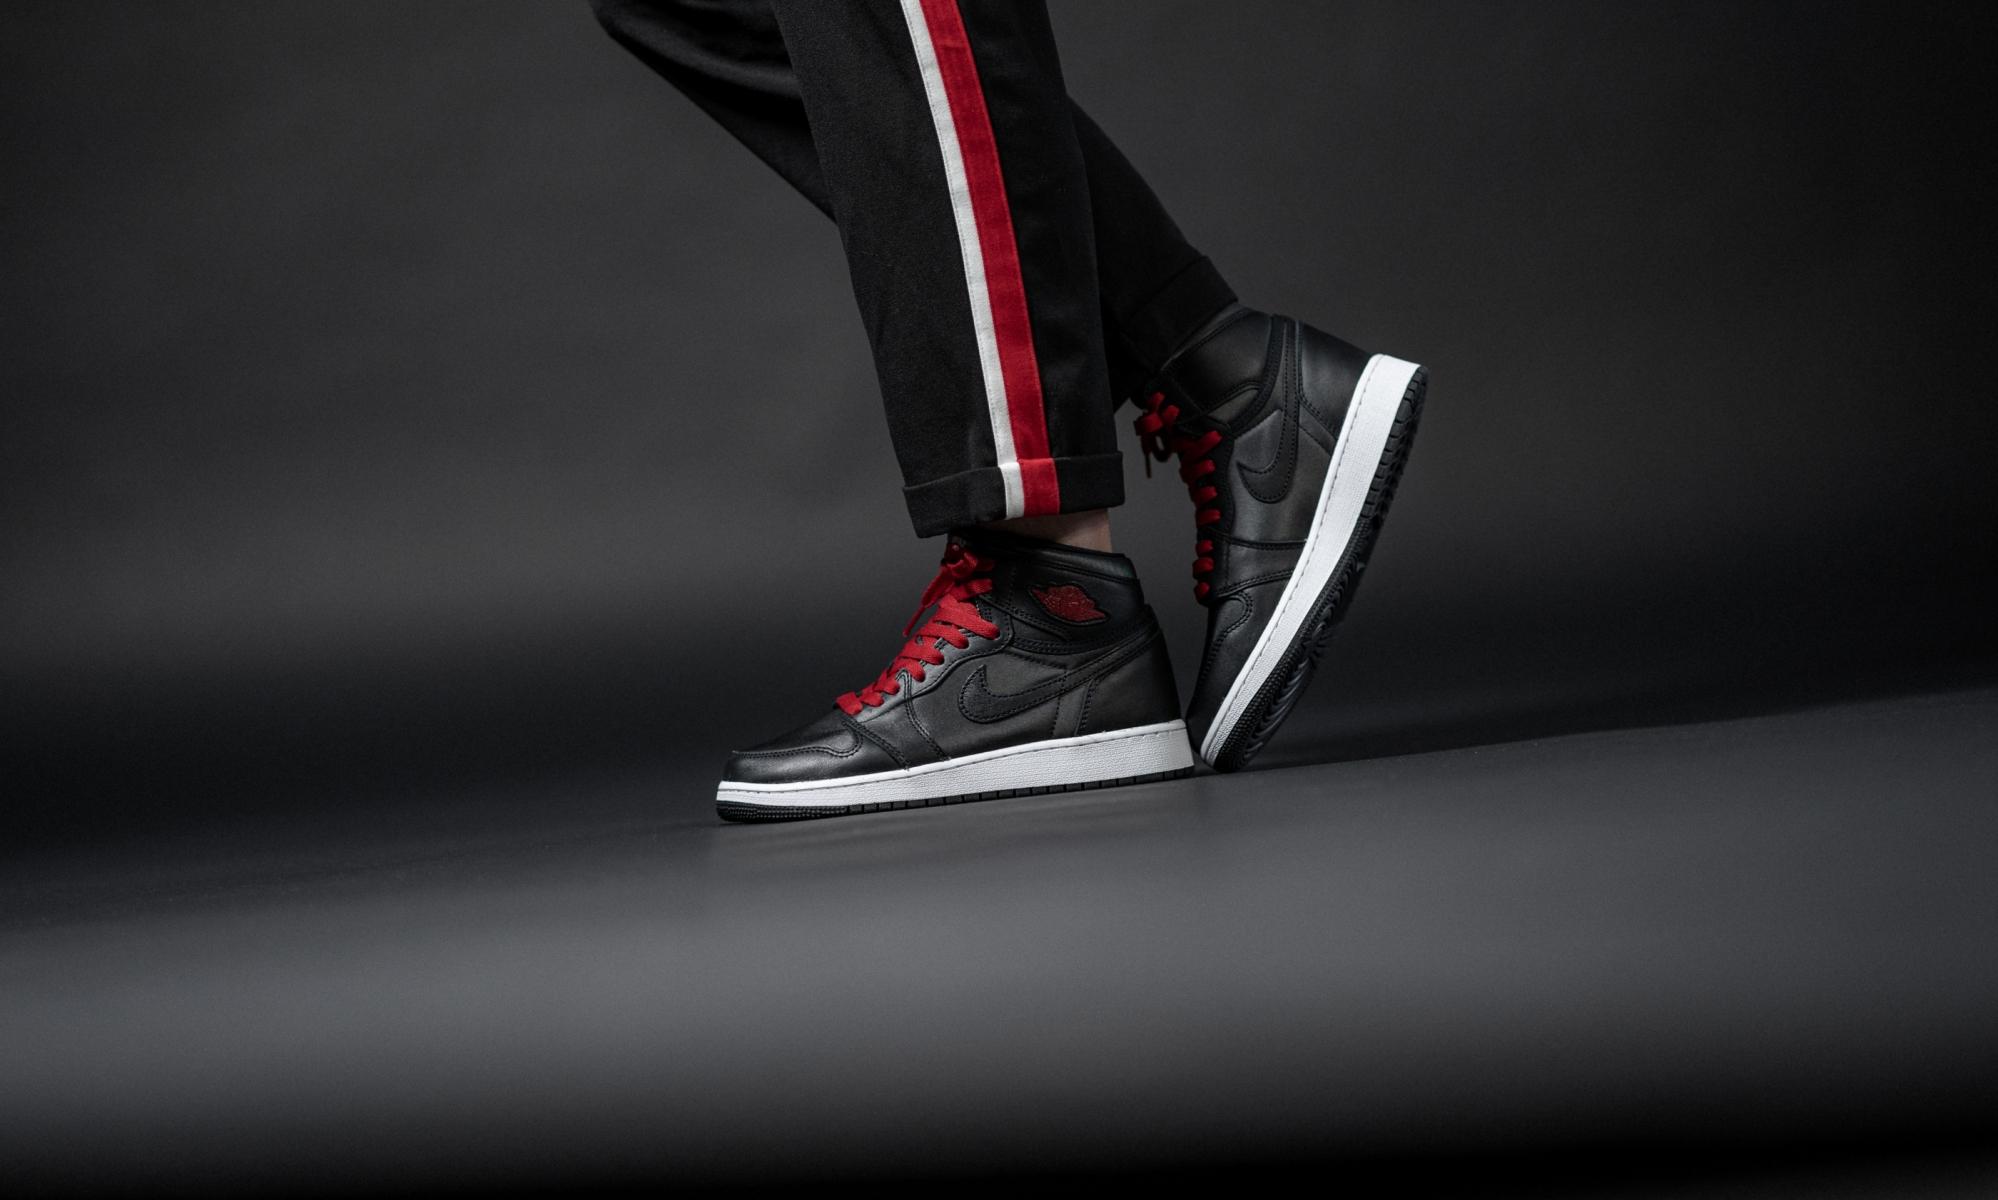 Air Jordan 1 Retro High Og Black Satin 575441-060